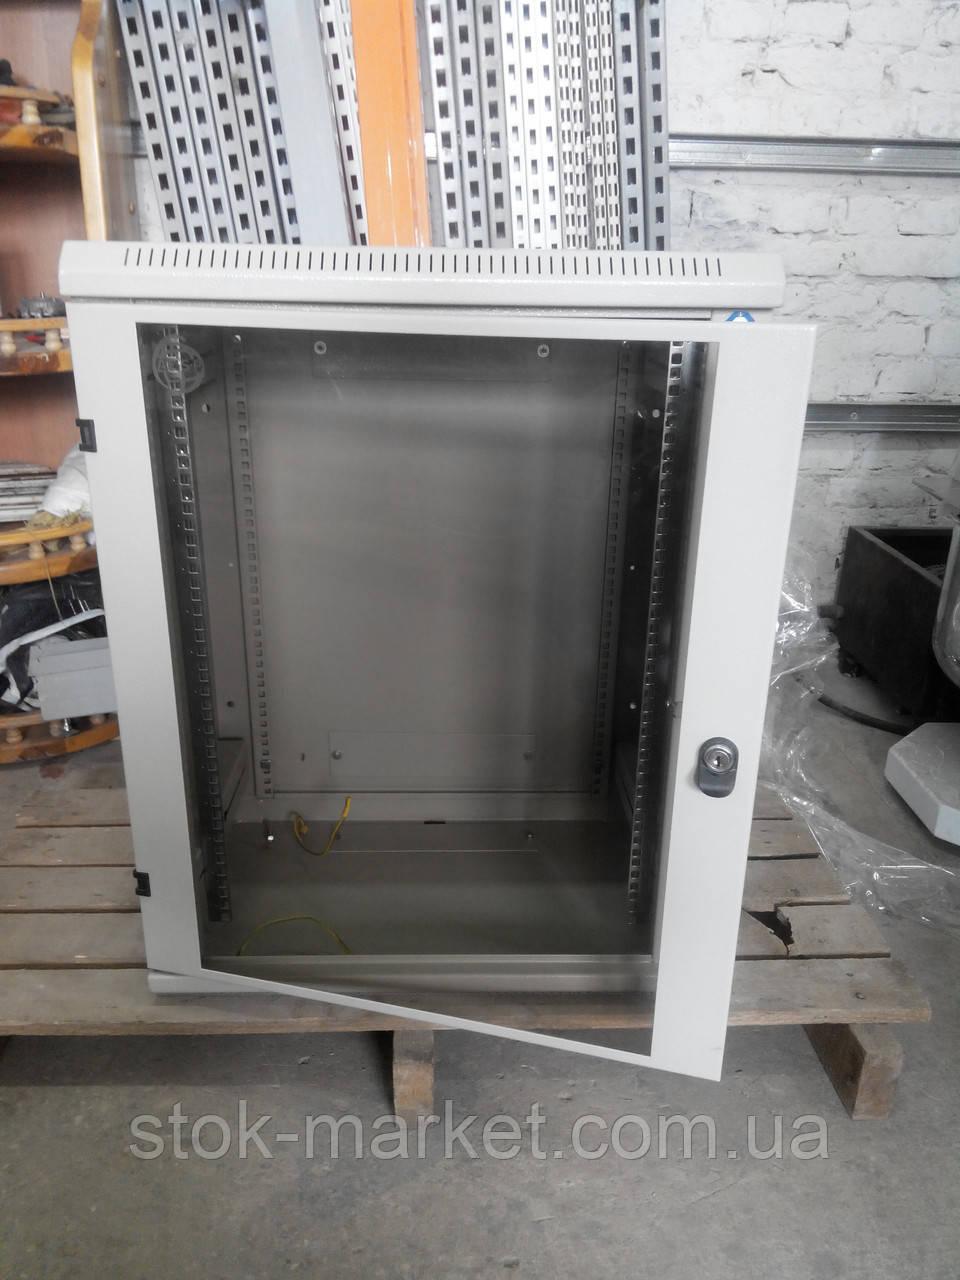 Шкаф для сервера